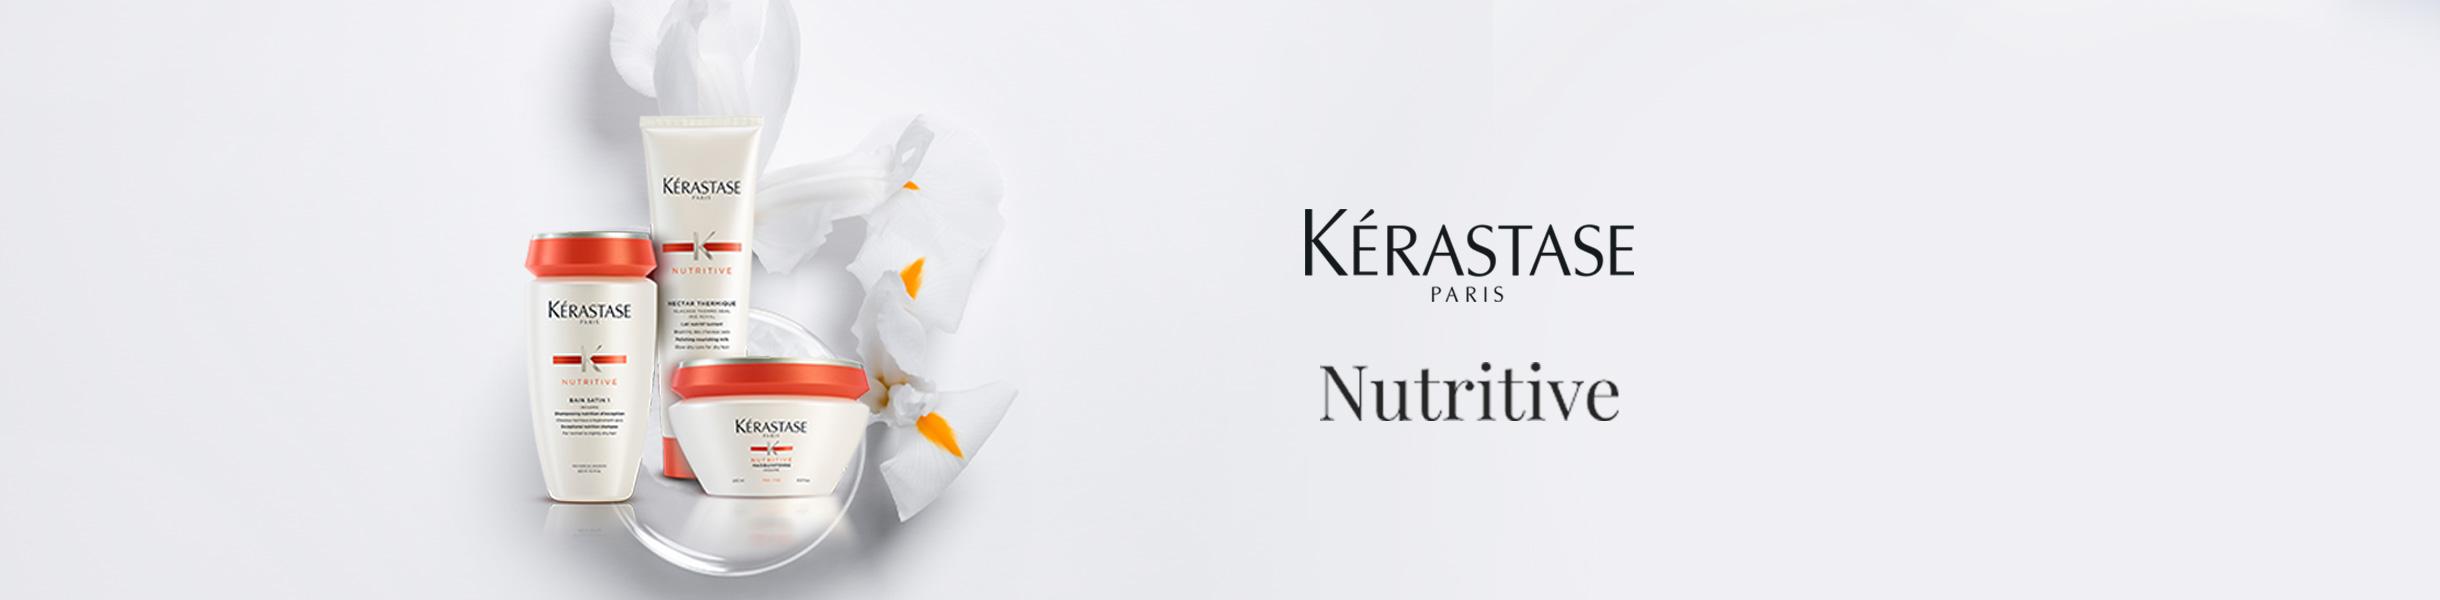 NUTRITIVE